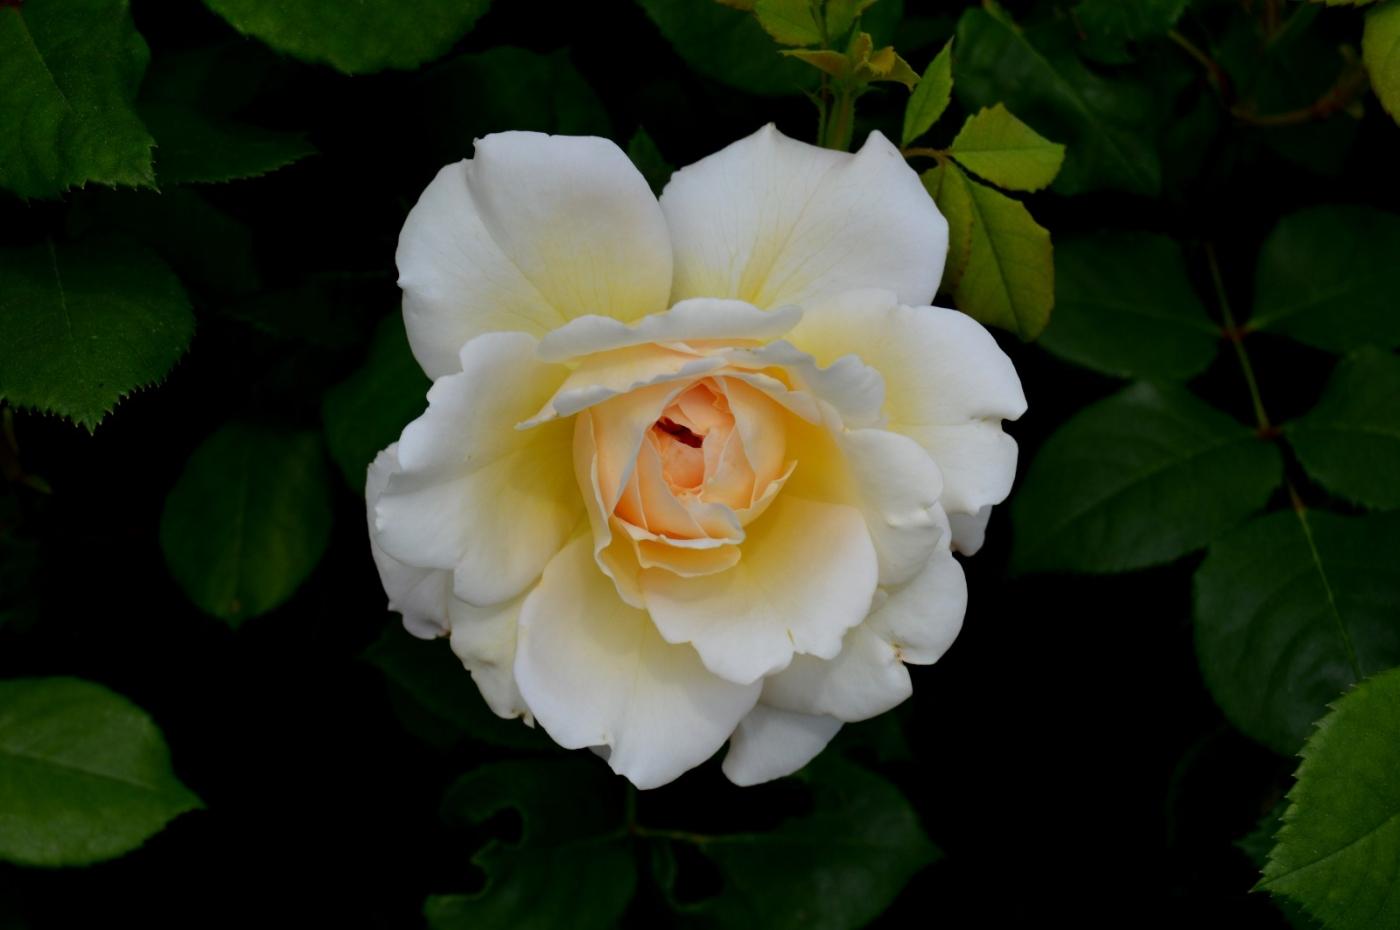 再拍玫瑰_图1-8